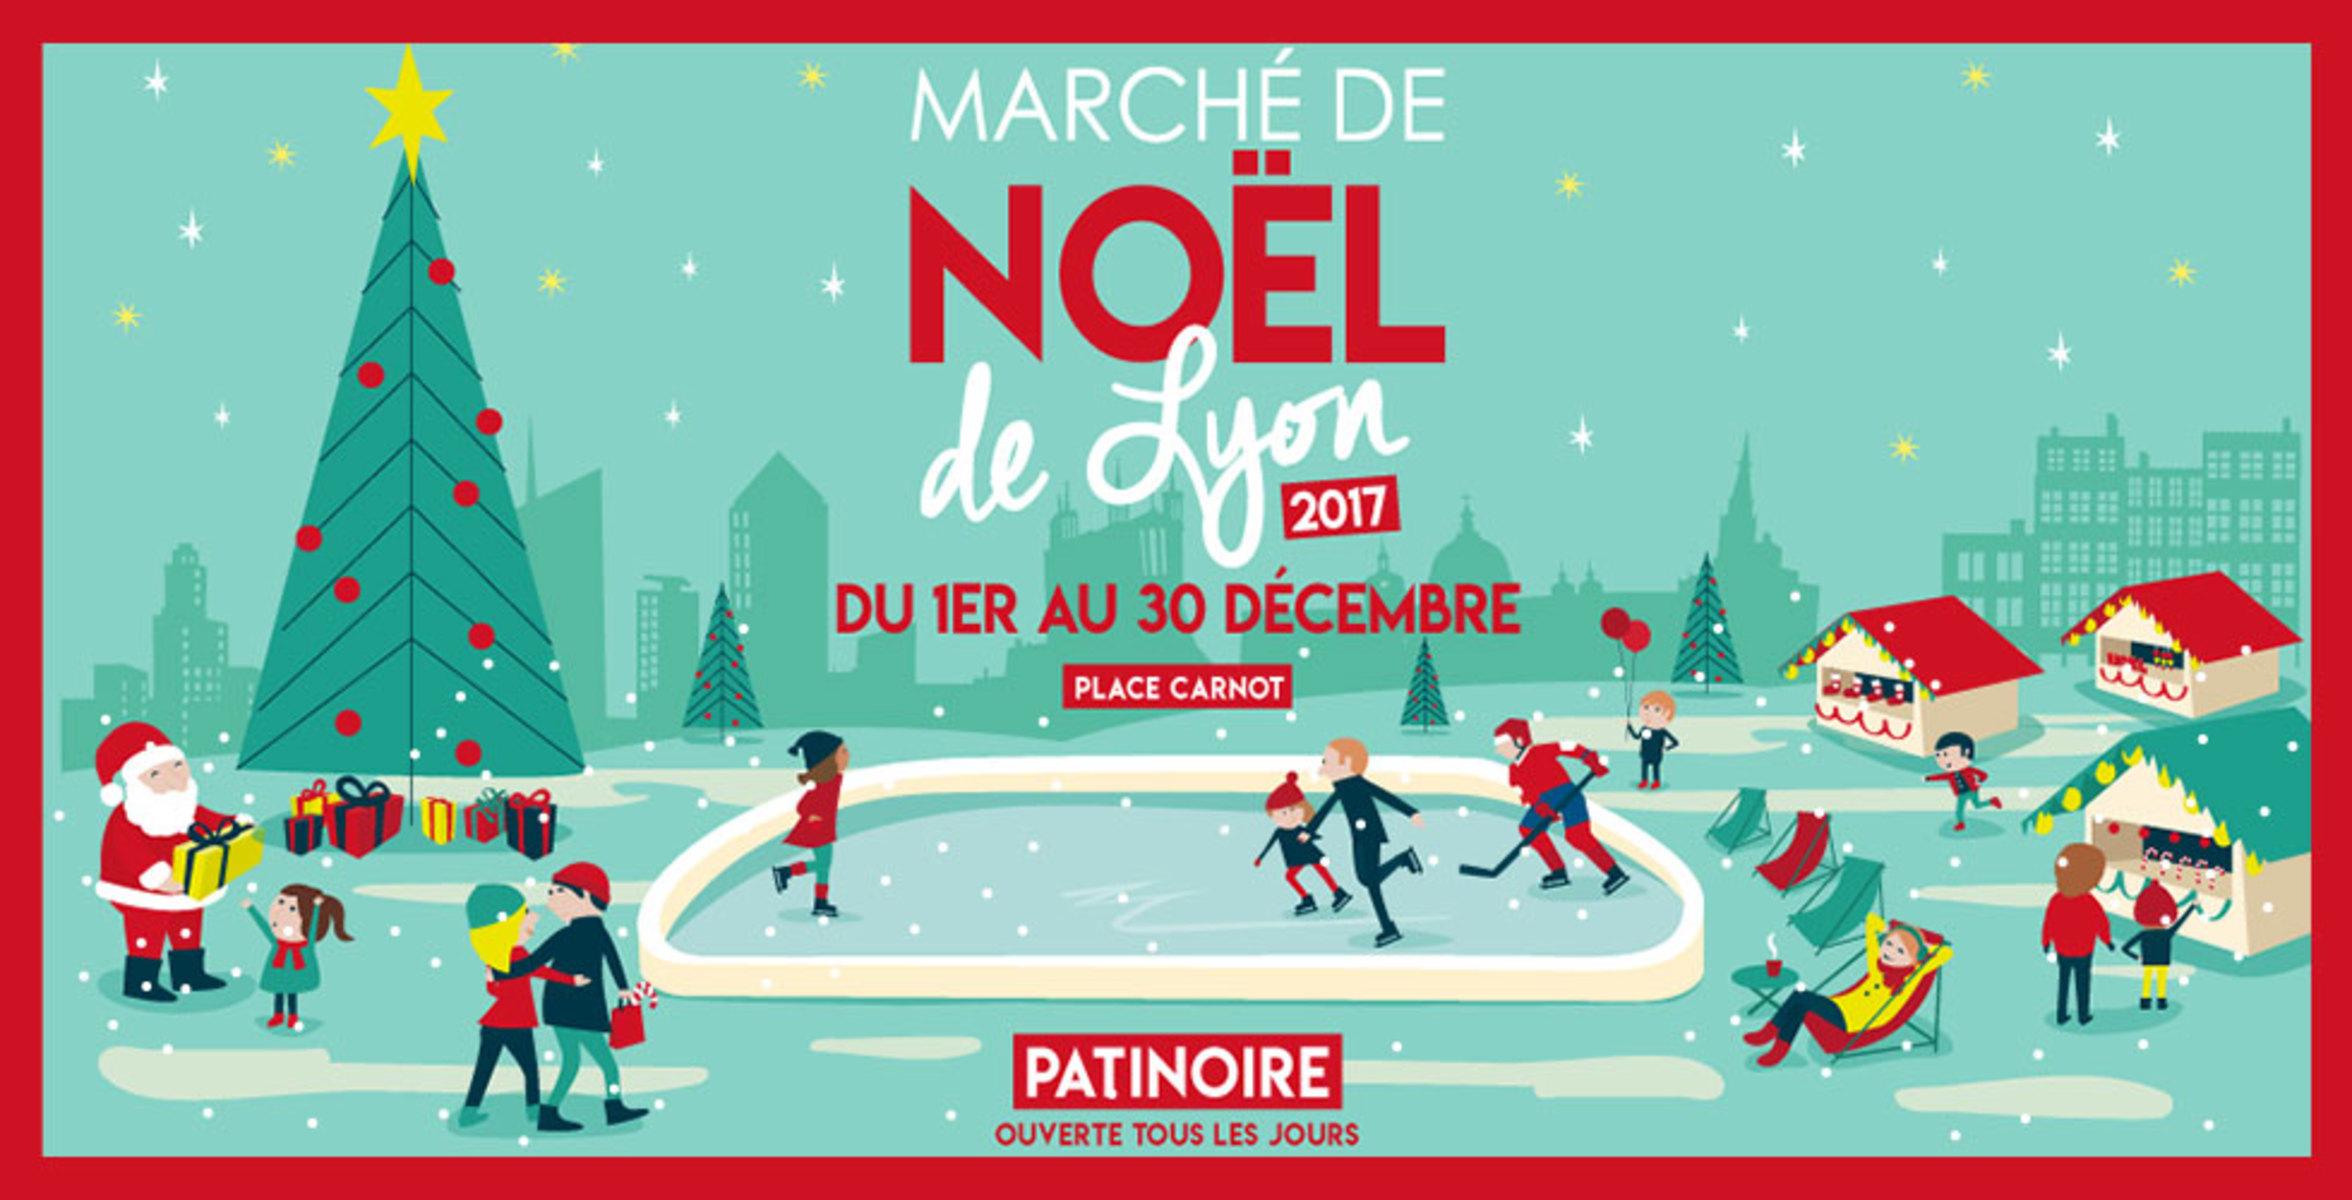 noel 2018 lyon Marchés de Noël 2017 à Lyon noel 2018 lyon